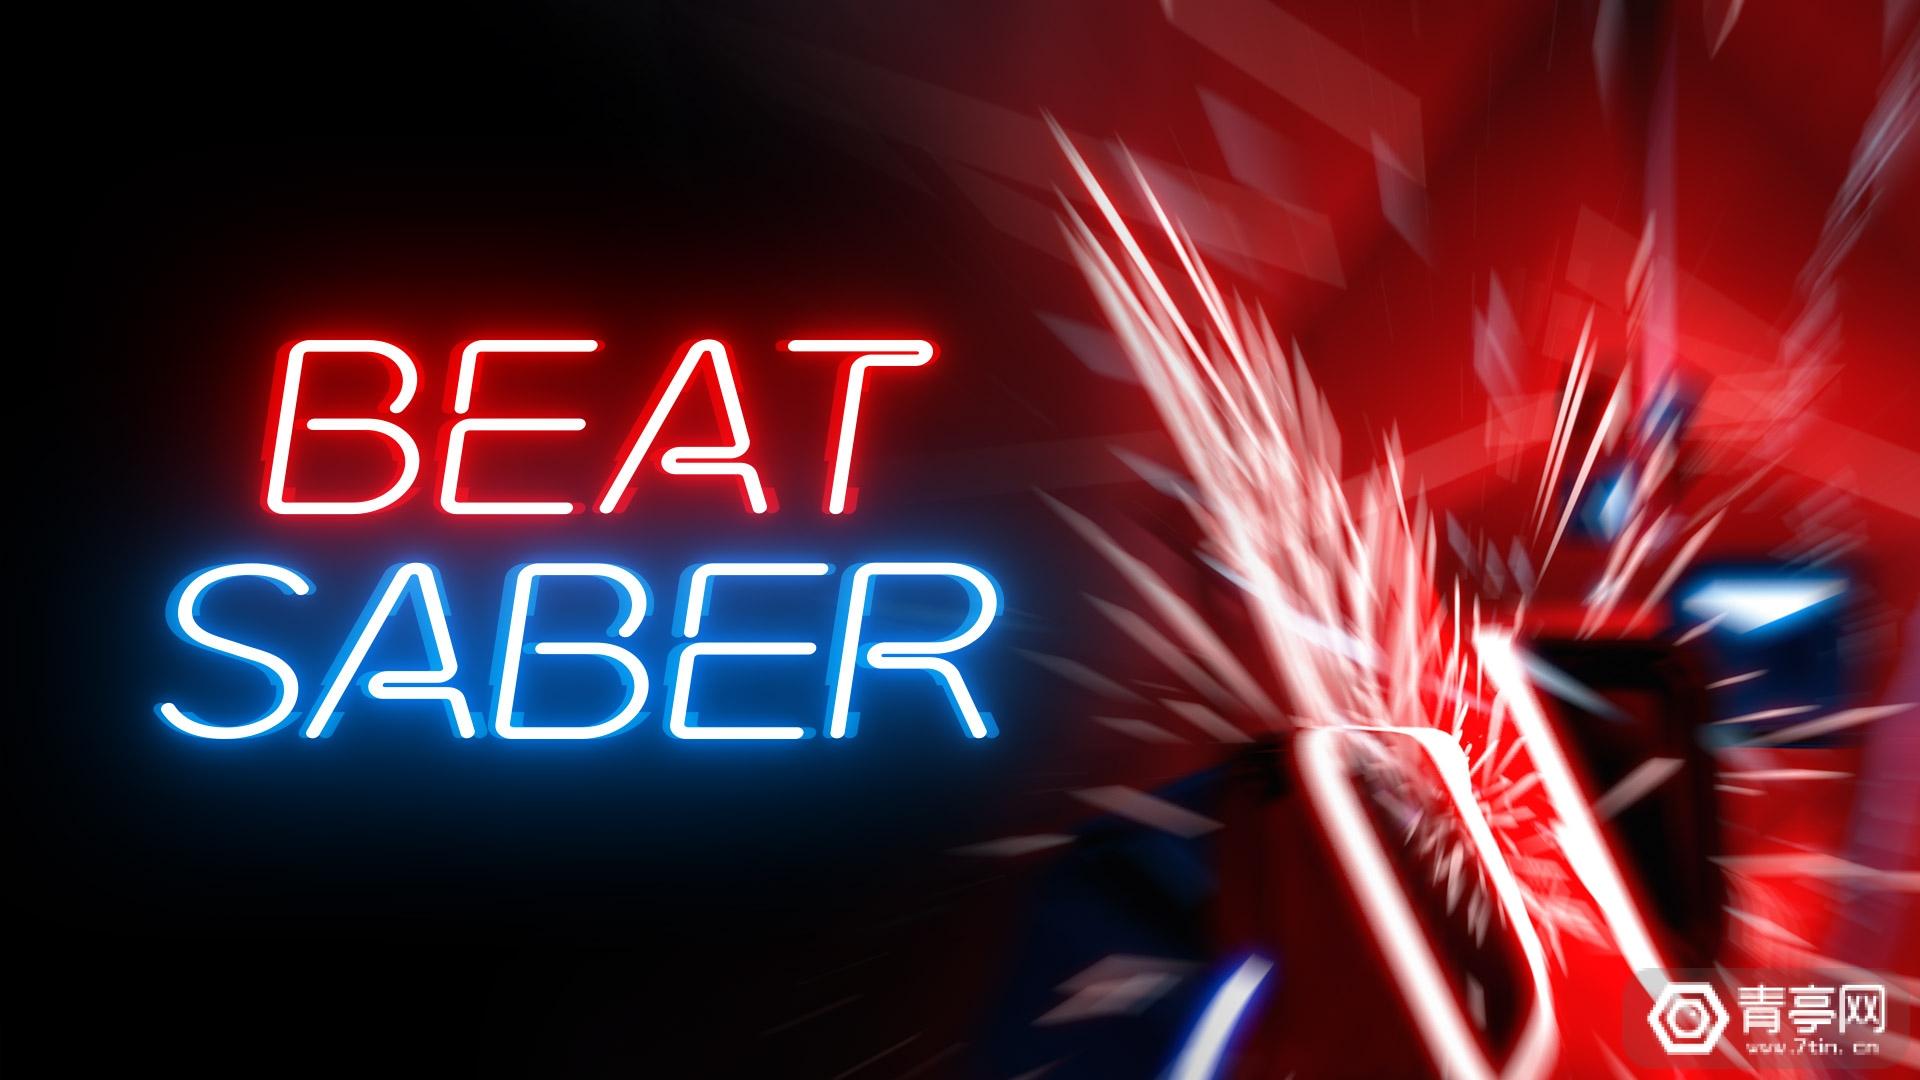 """没花一分钱营销,看《Beat Saber》是怎么靠""""运气""""成功的"""